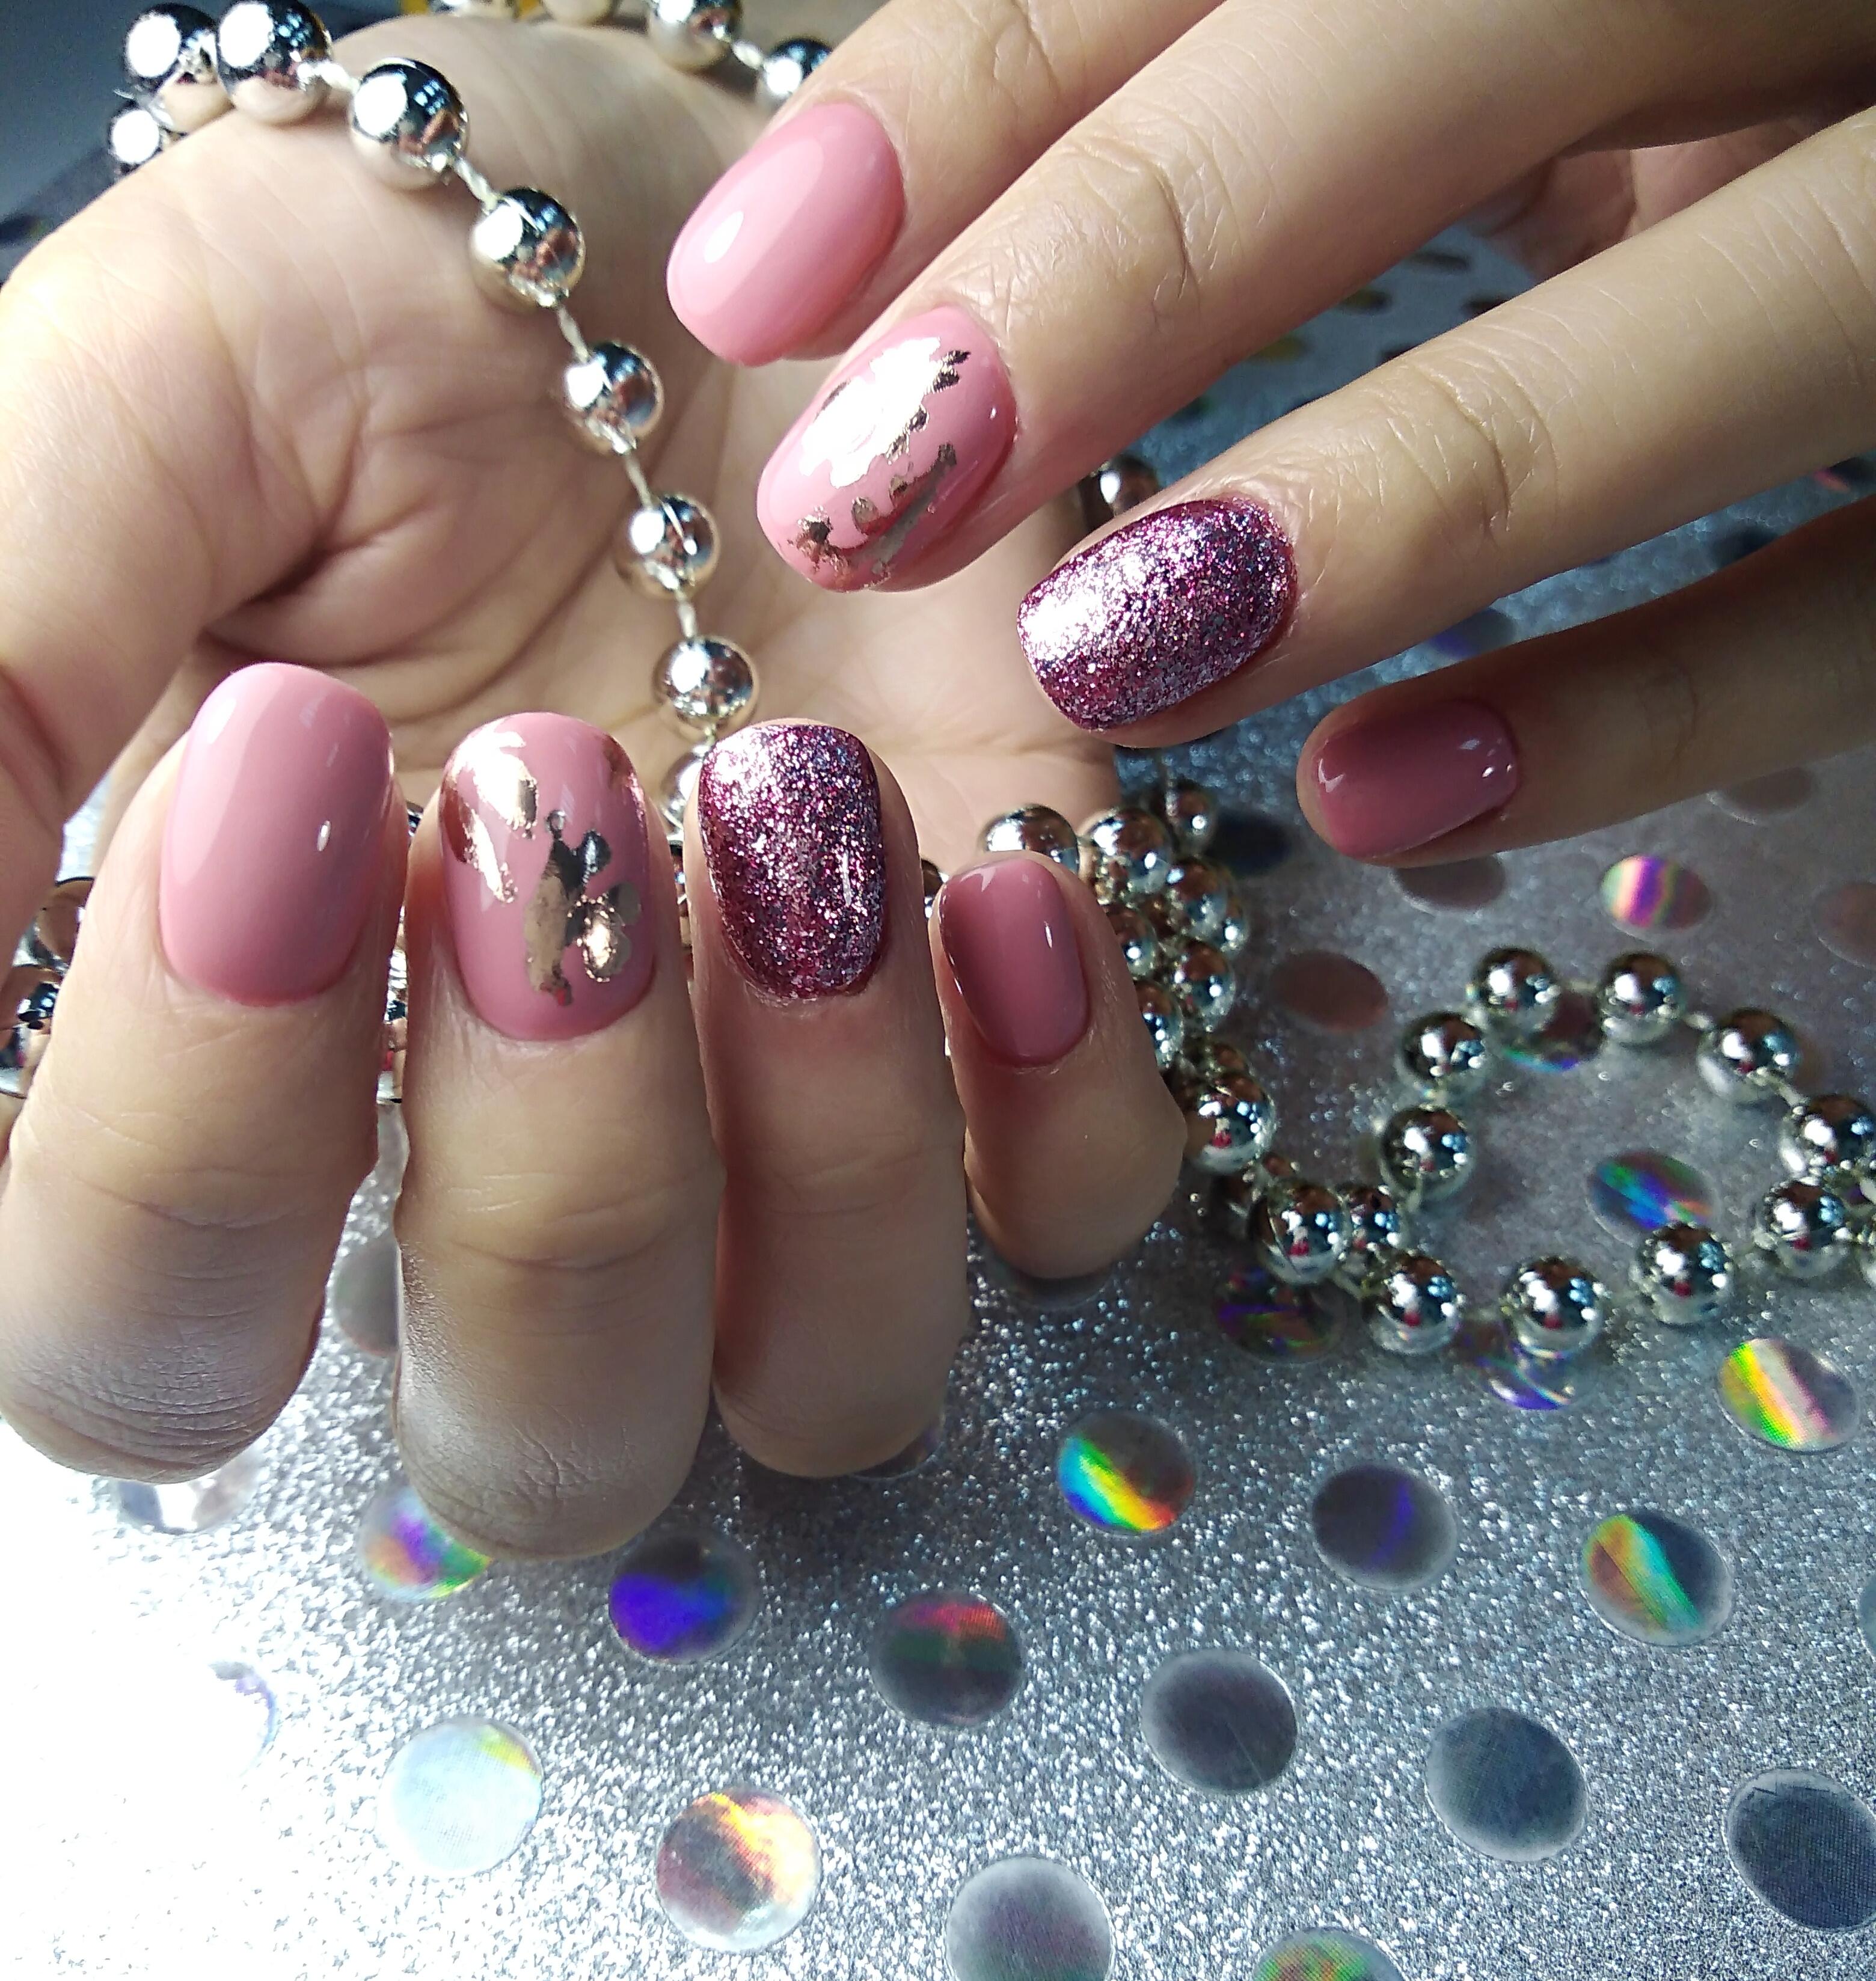 Маникюр в розовом цвете с фиолетовыми блёстками и серебряной фольгой.